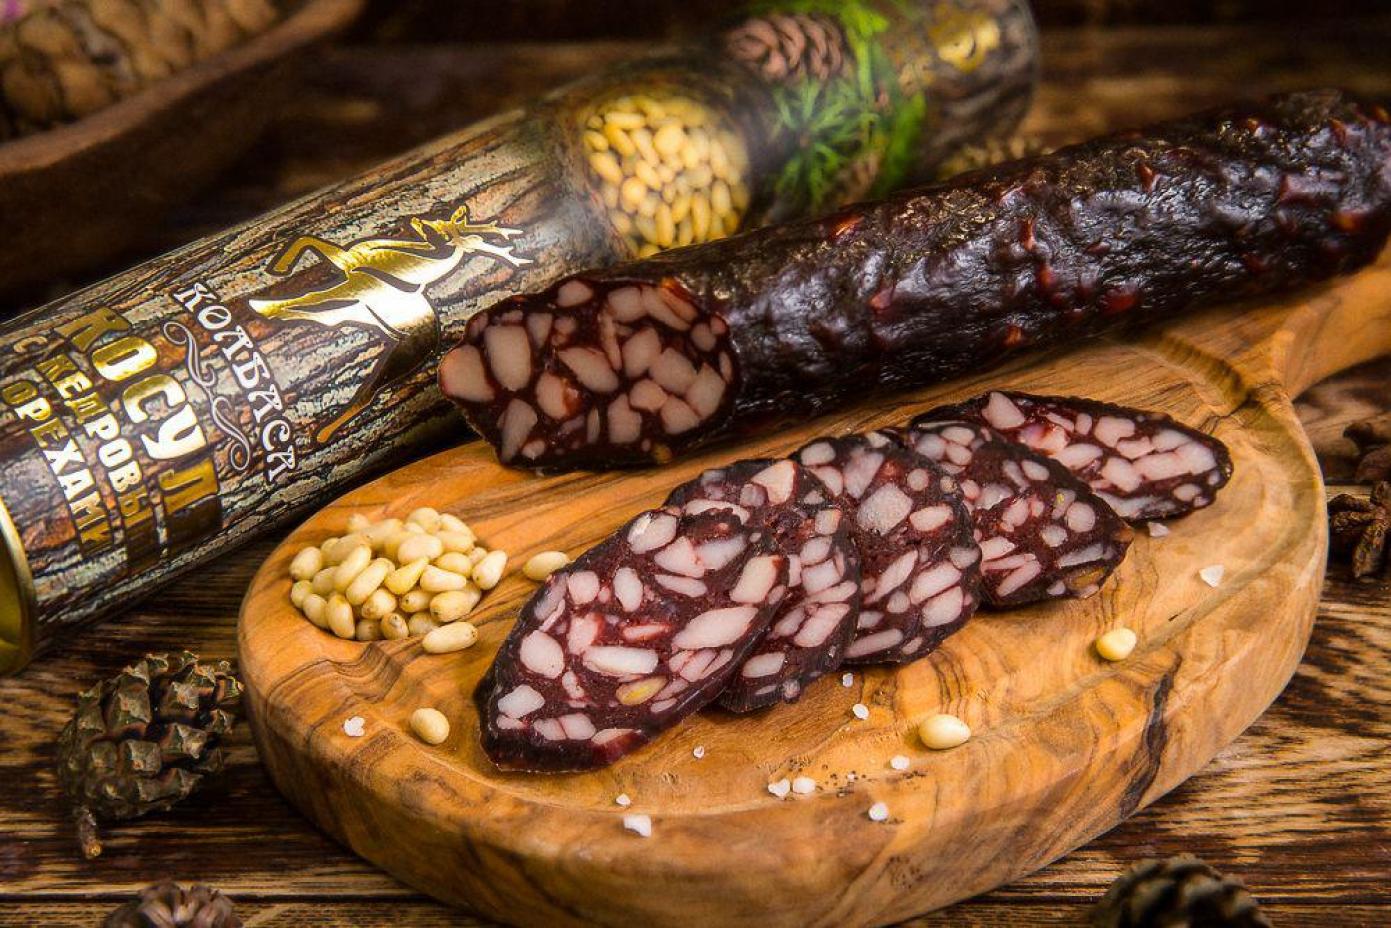 Колбаса из мяса Косули с кедровыми орехами в подарочной упаковке (тубус)